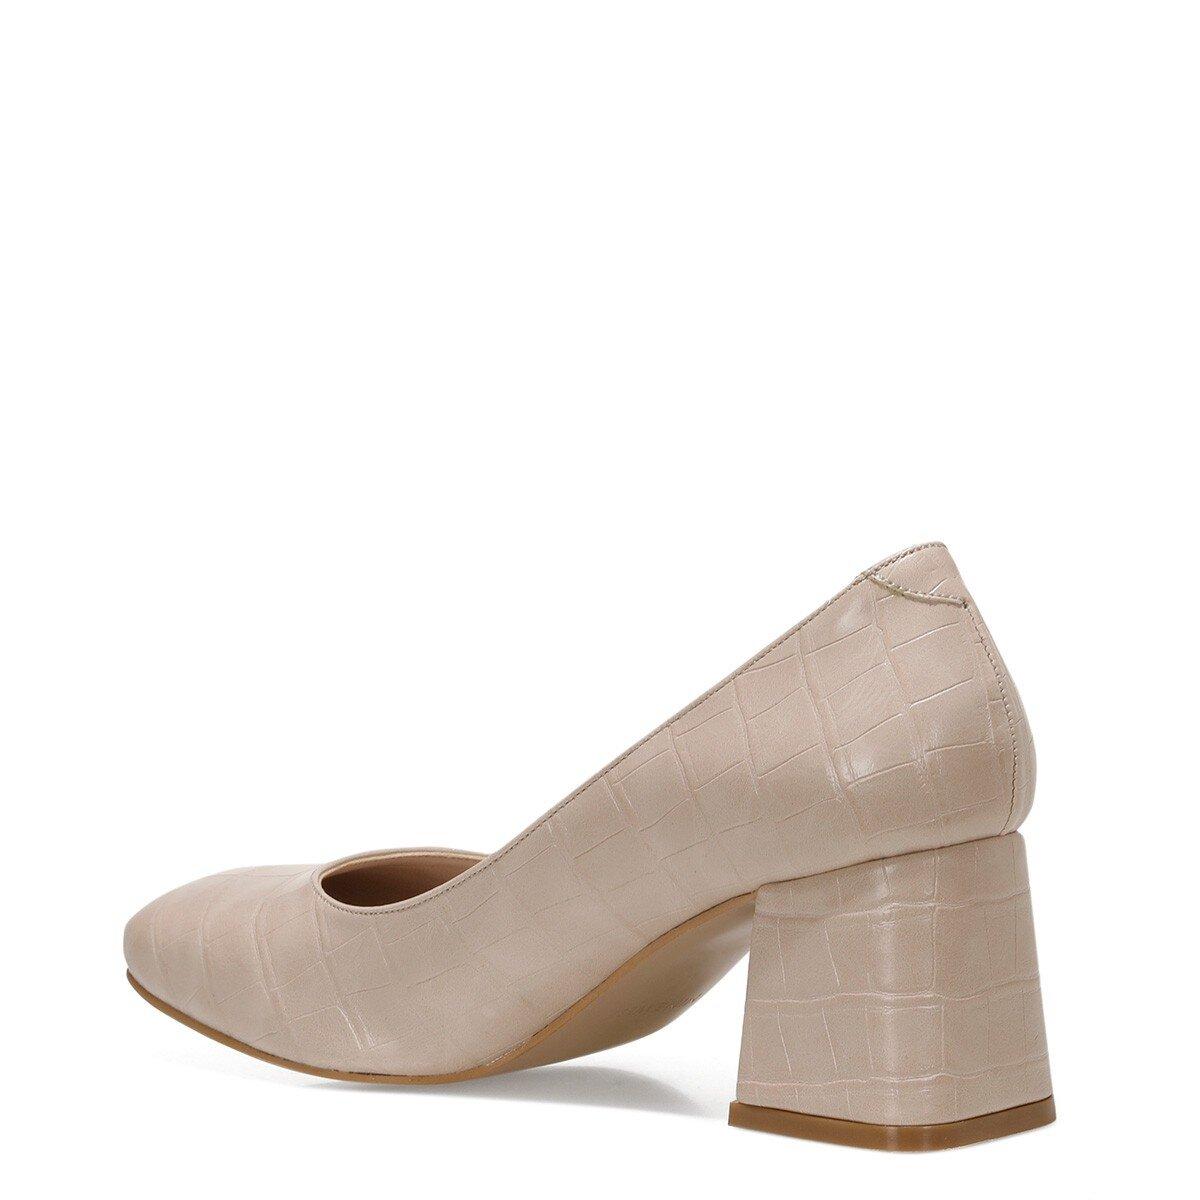 WALES 1FX Krem Kadın Gova Ayakkabı